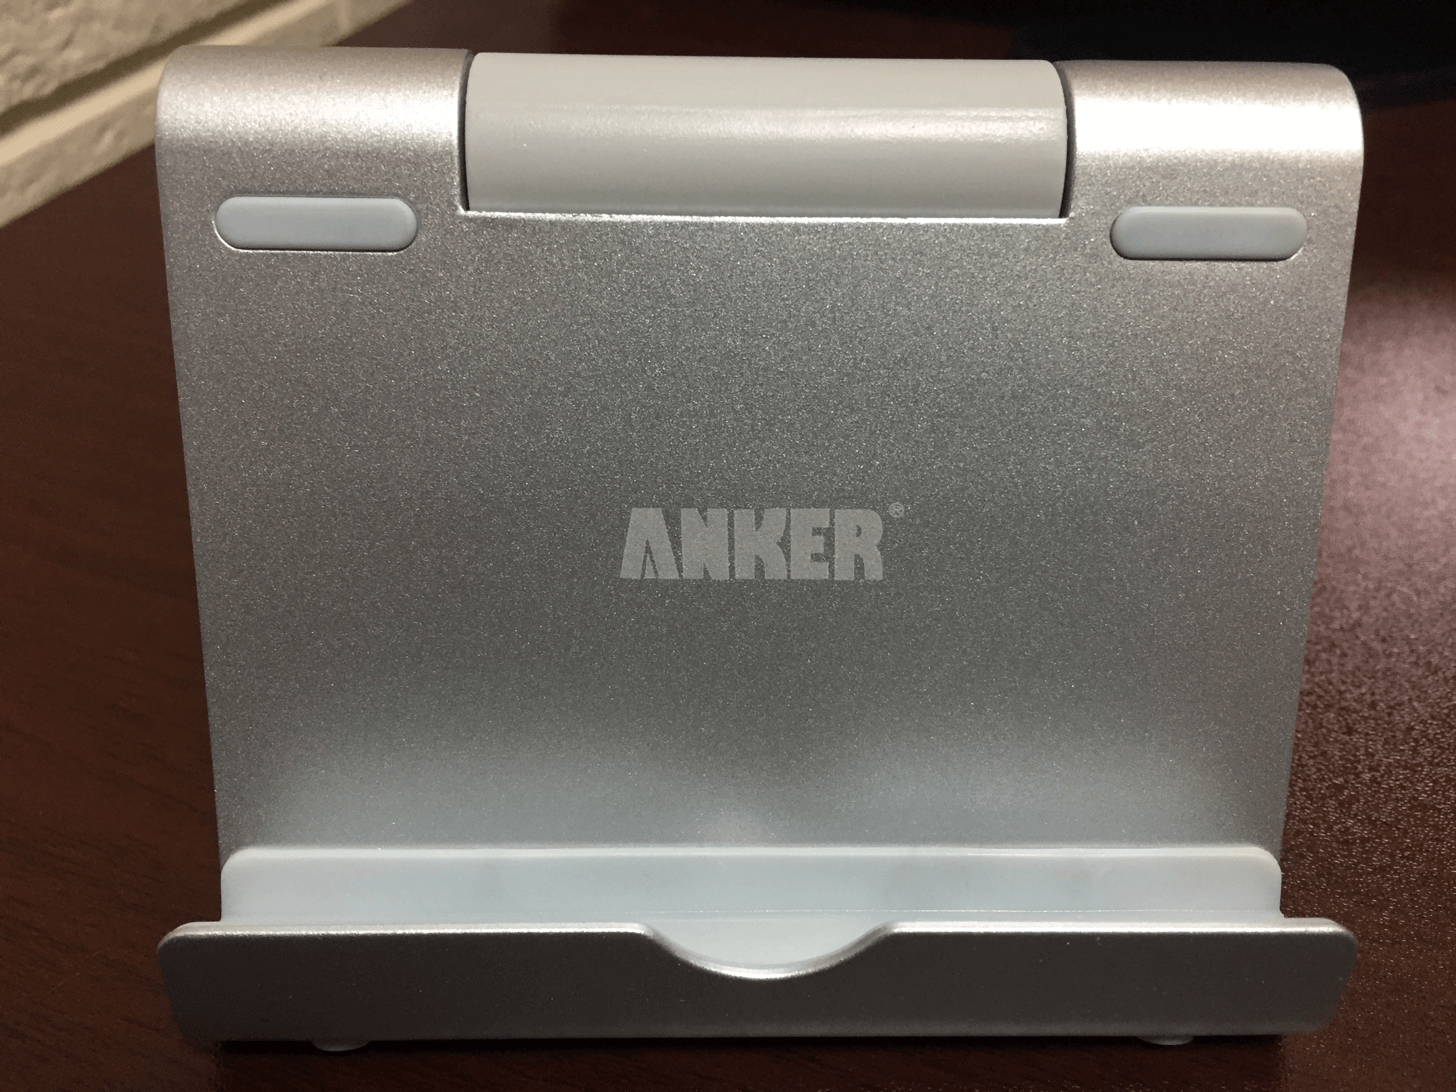 Anker-マルチアングルスタンド-正面